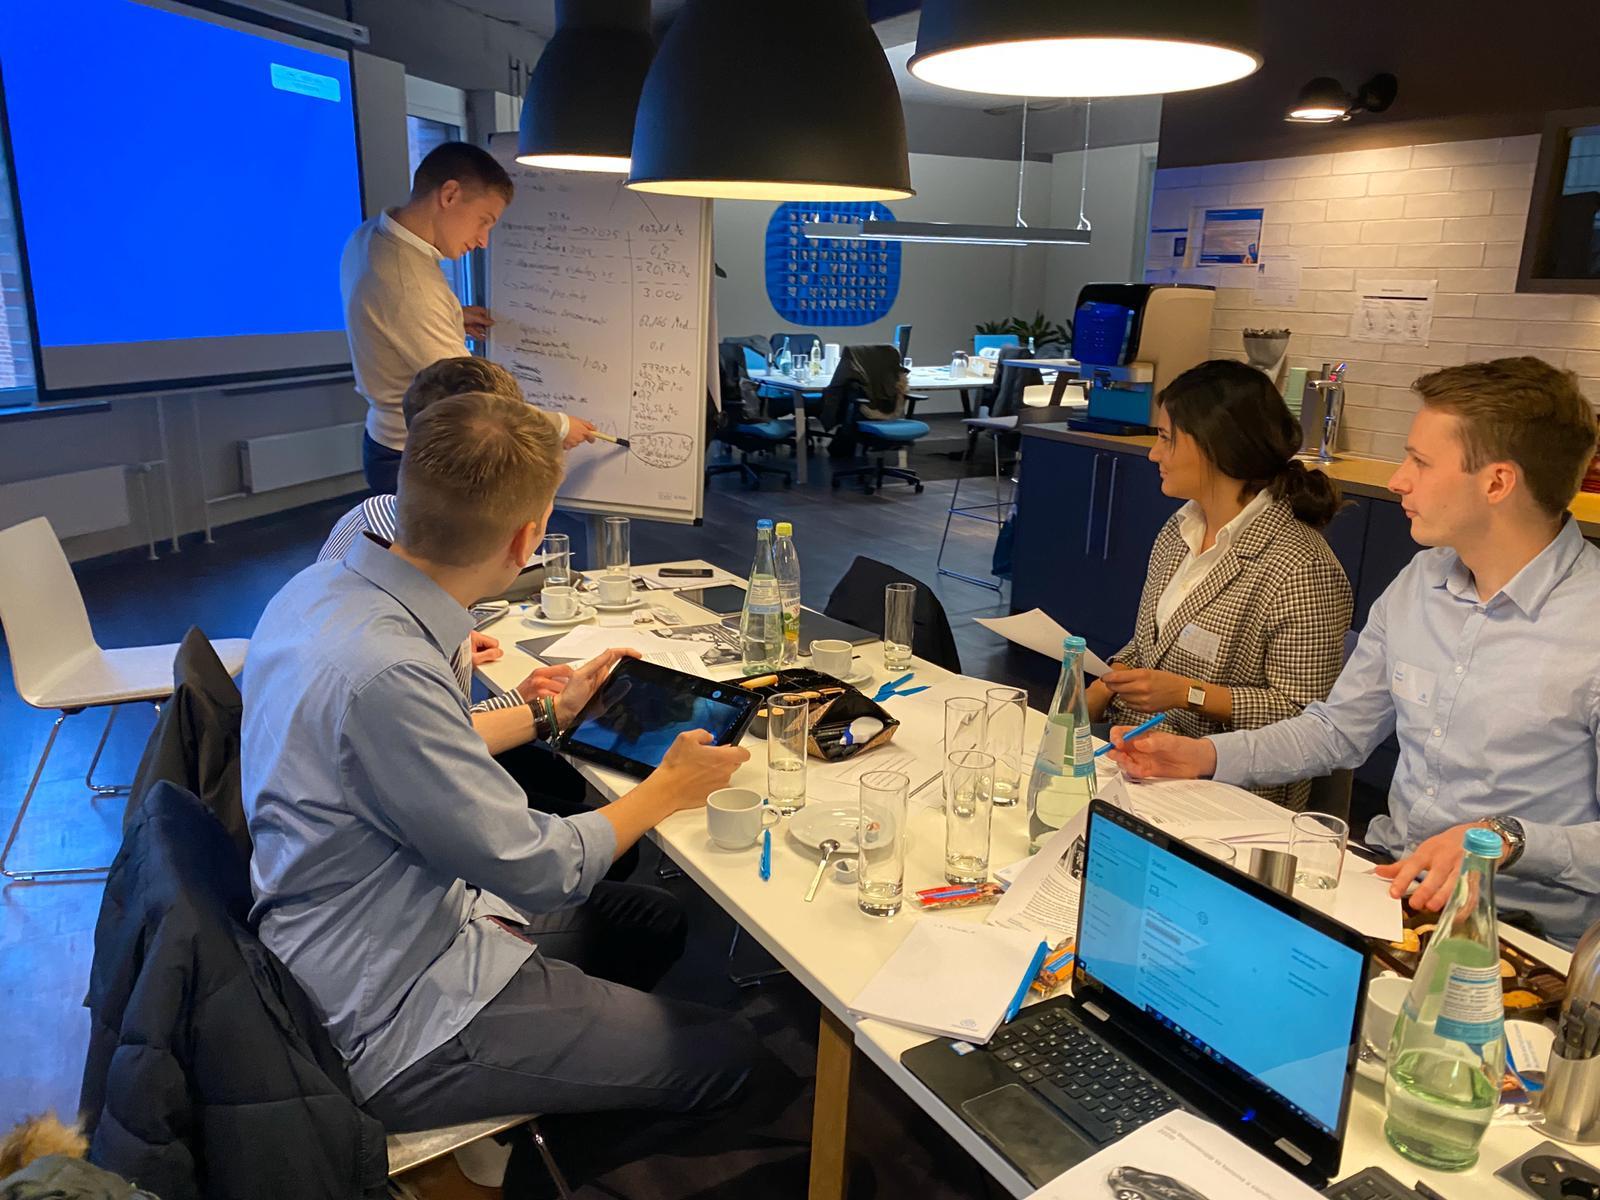 Team arbeitet vor Whiteboard